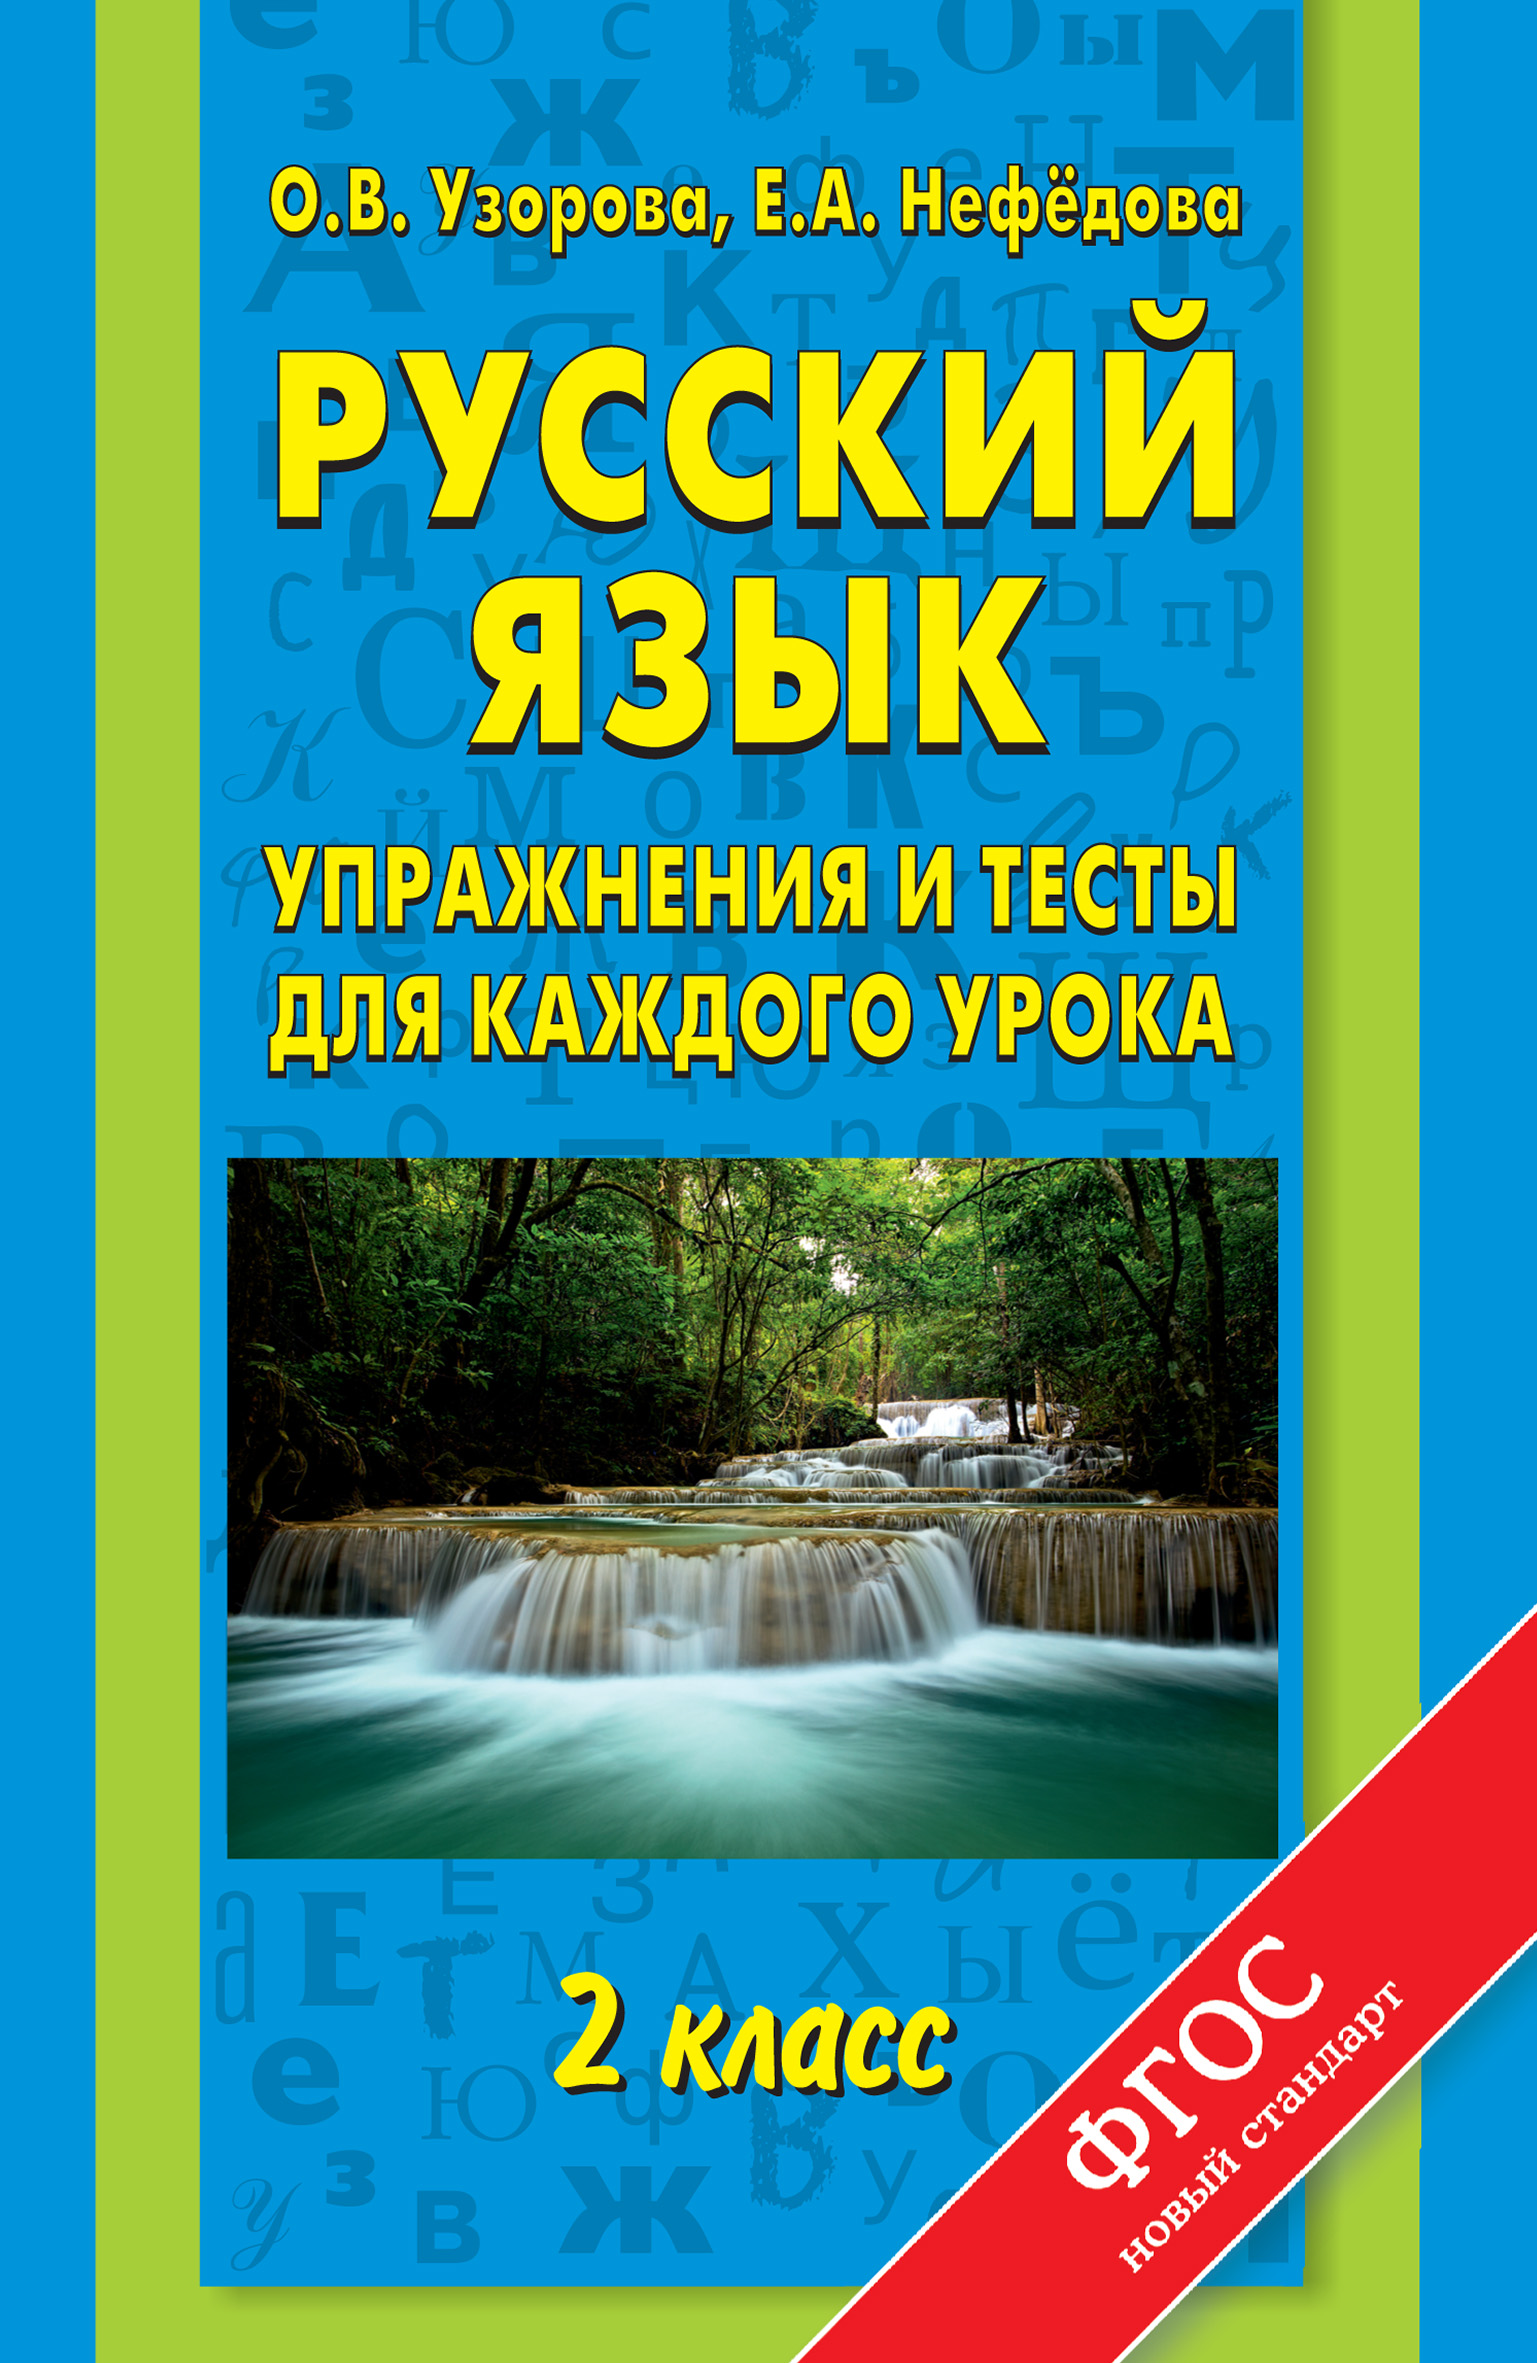 Русский язык. Упражнения и тесты для каждого урока. 2 класс